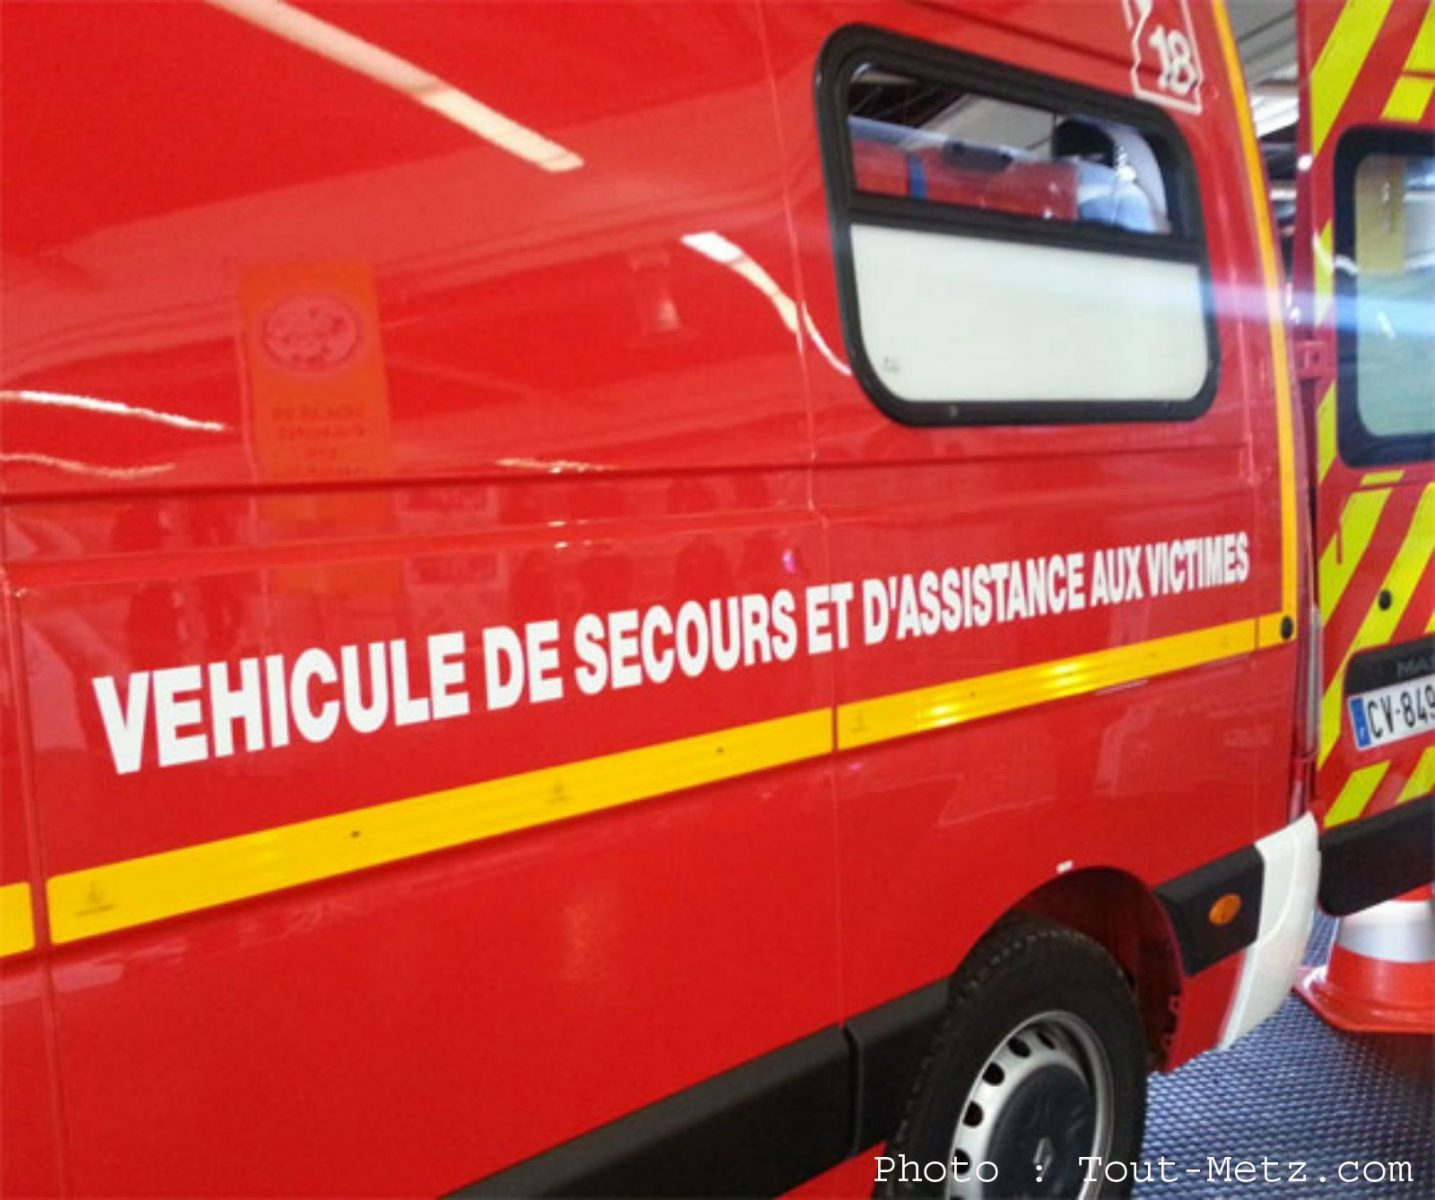 Incendie dans une carrosserie à Marly : 2 blessés graves